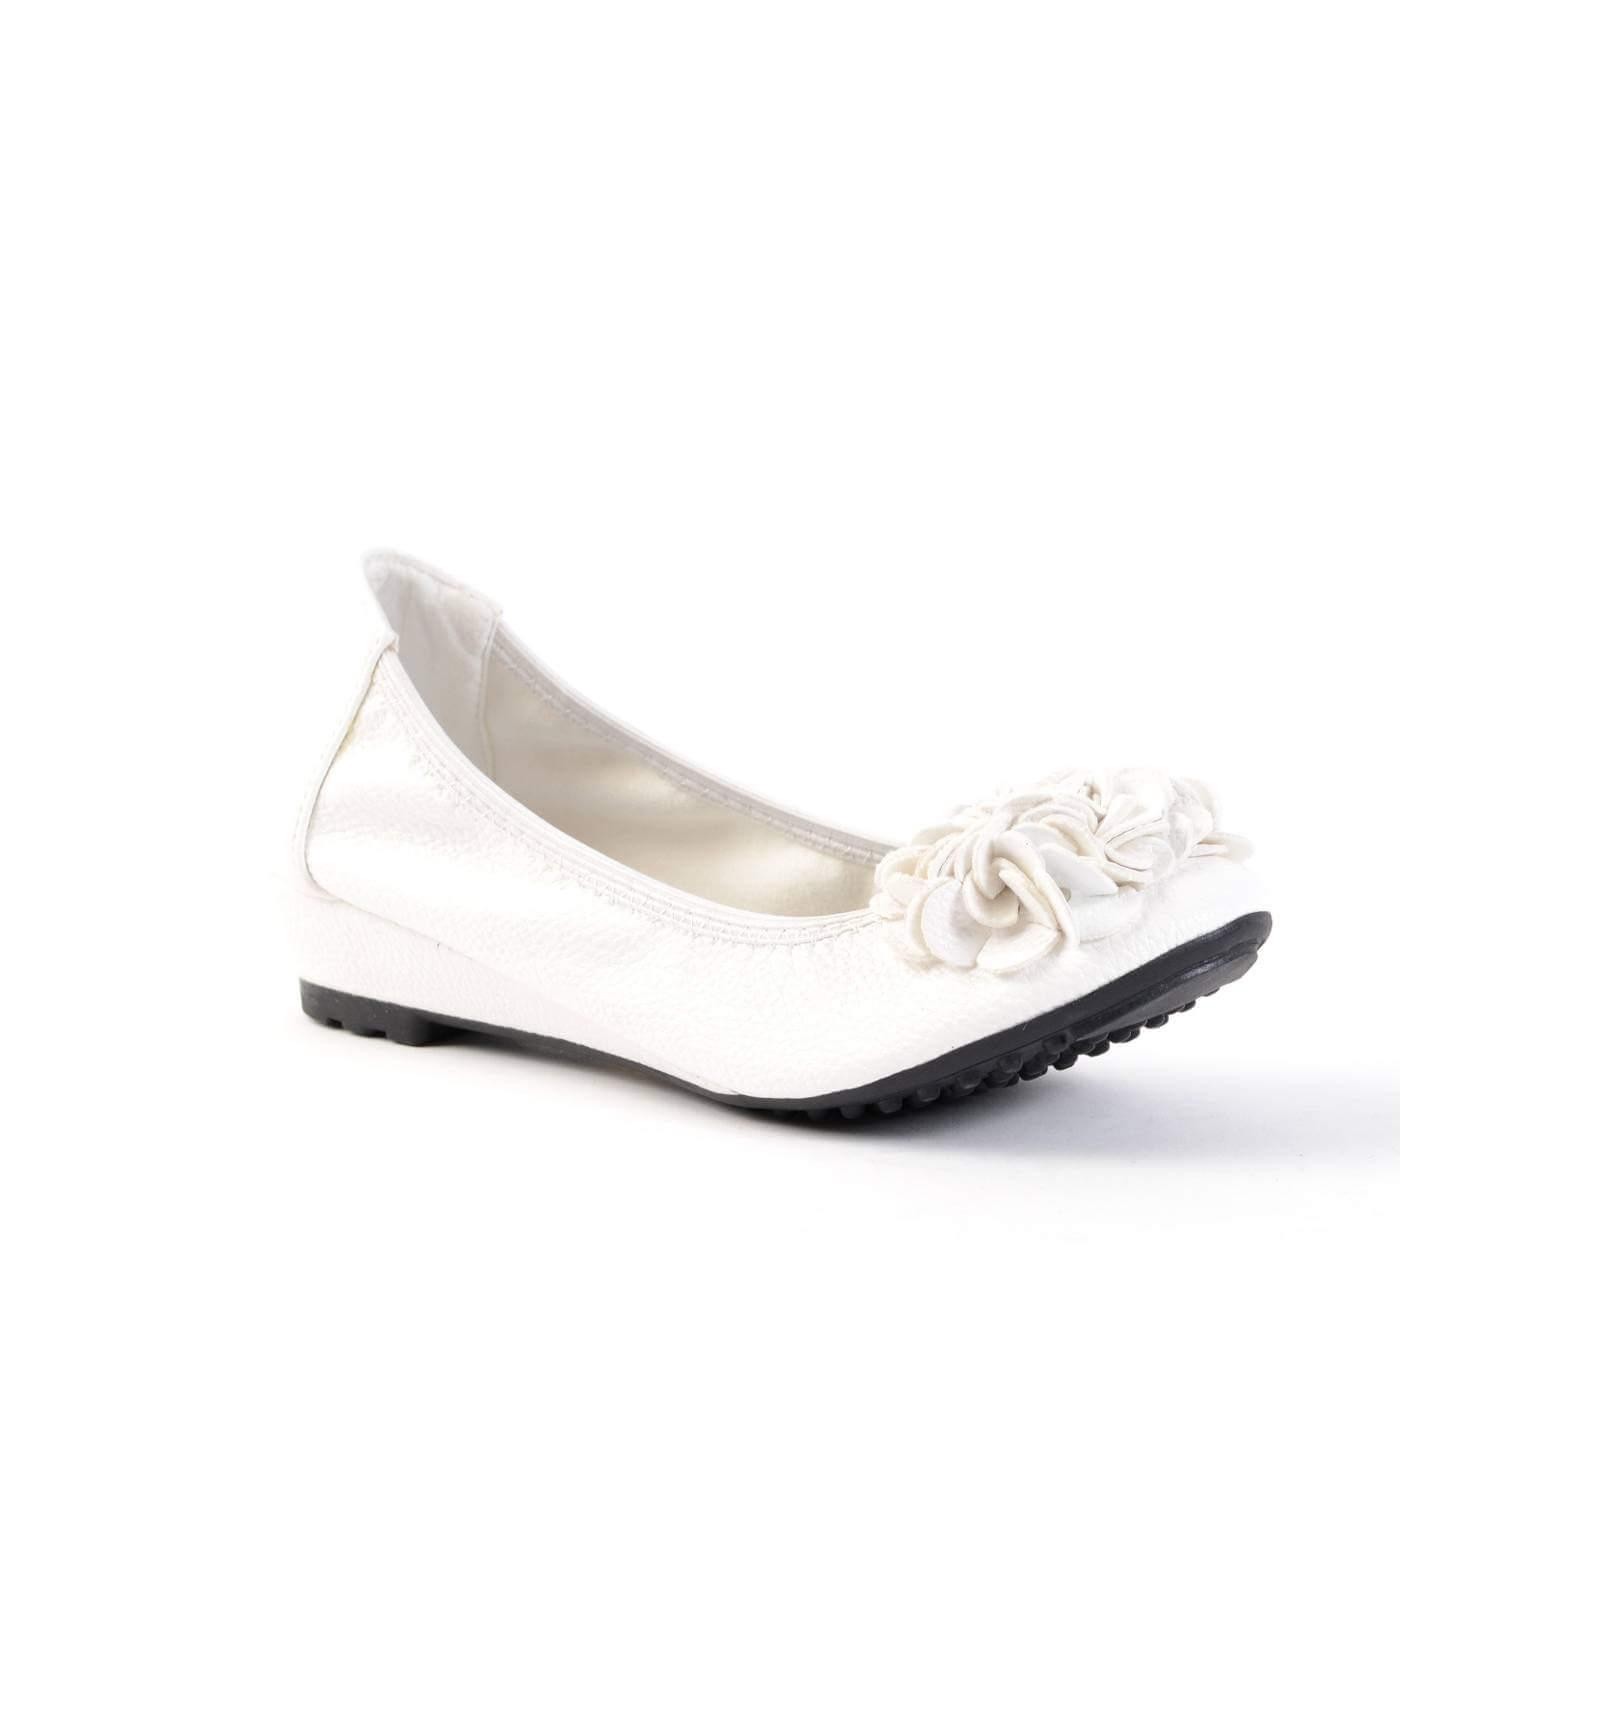 fef1719c0ef5f Ballerine femme souple compensée granulé blanc à fleur BELLEVILLE